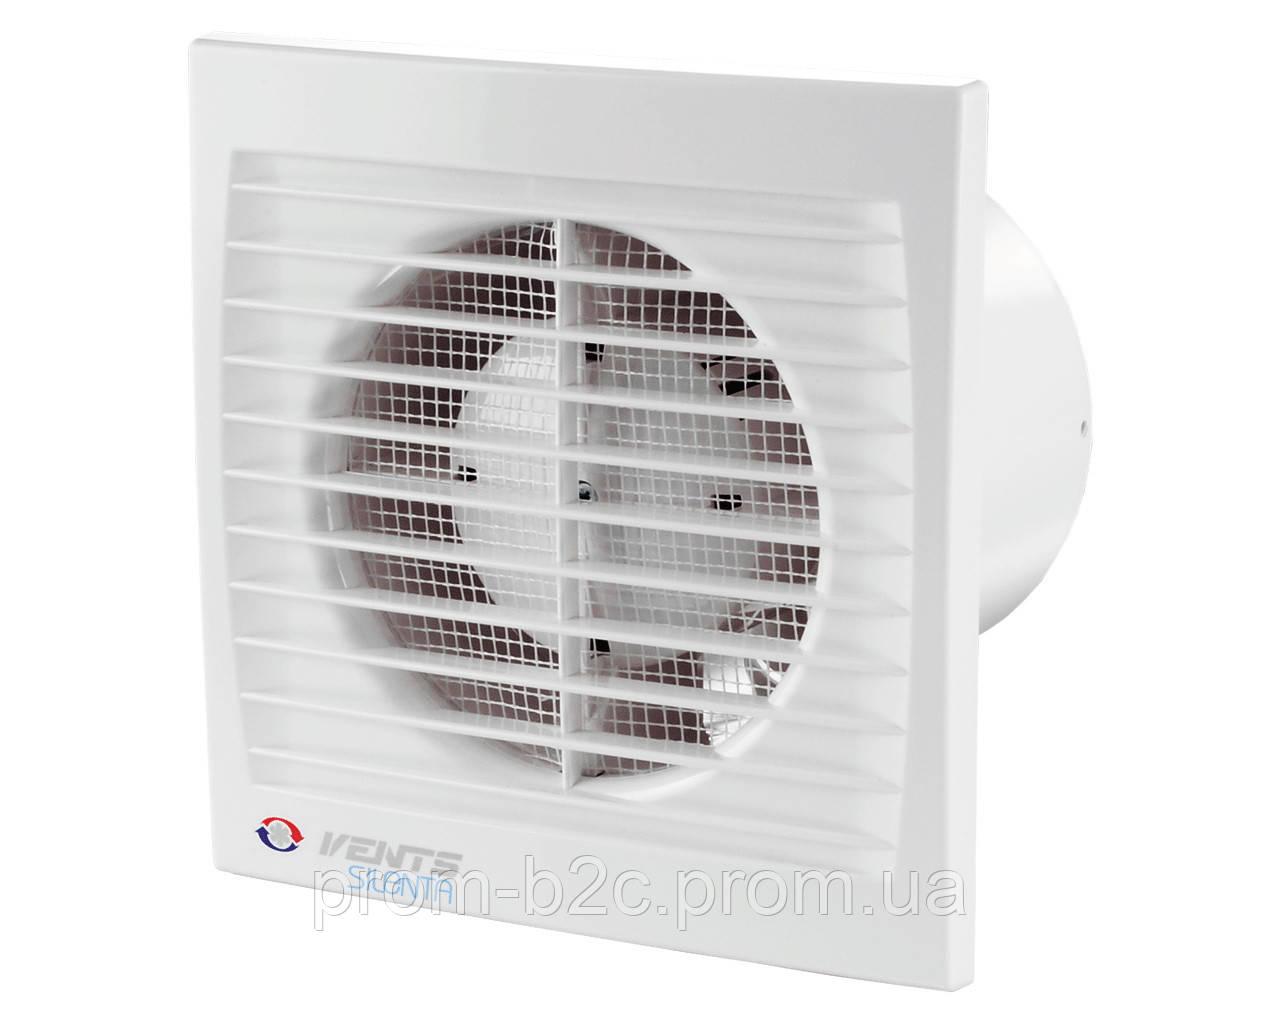 Вентс 150 Силента С бытовой вентилятор